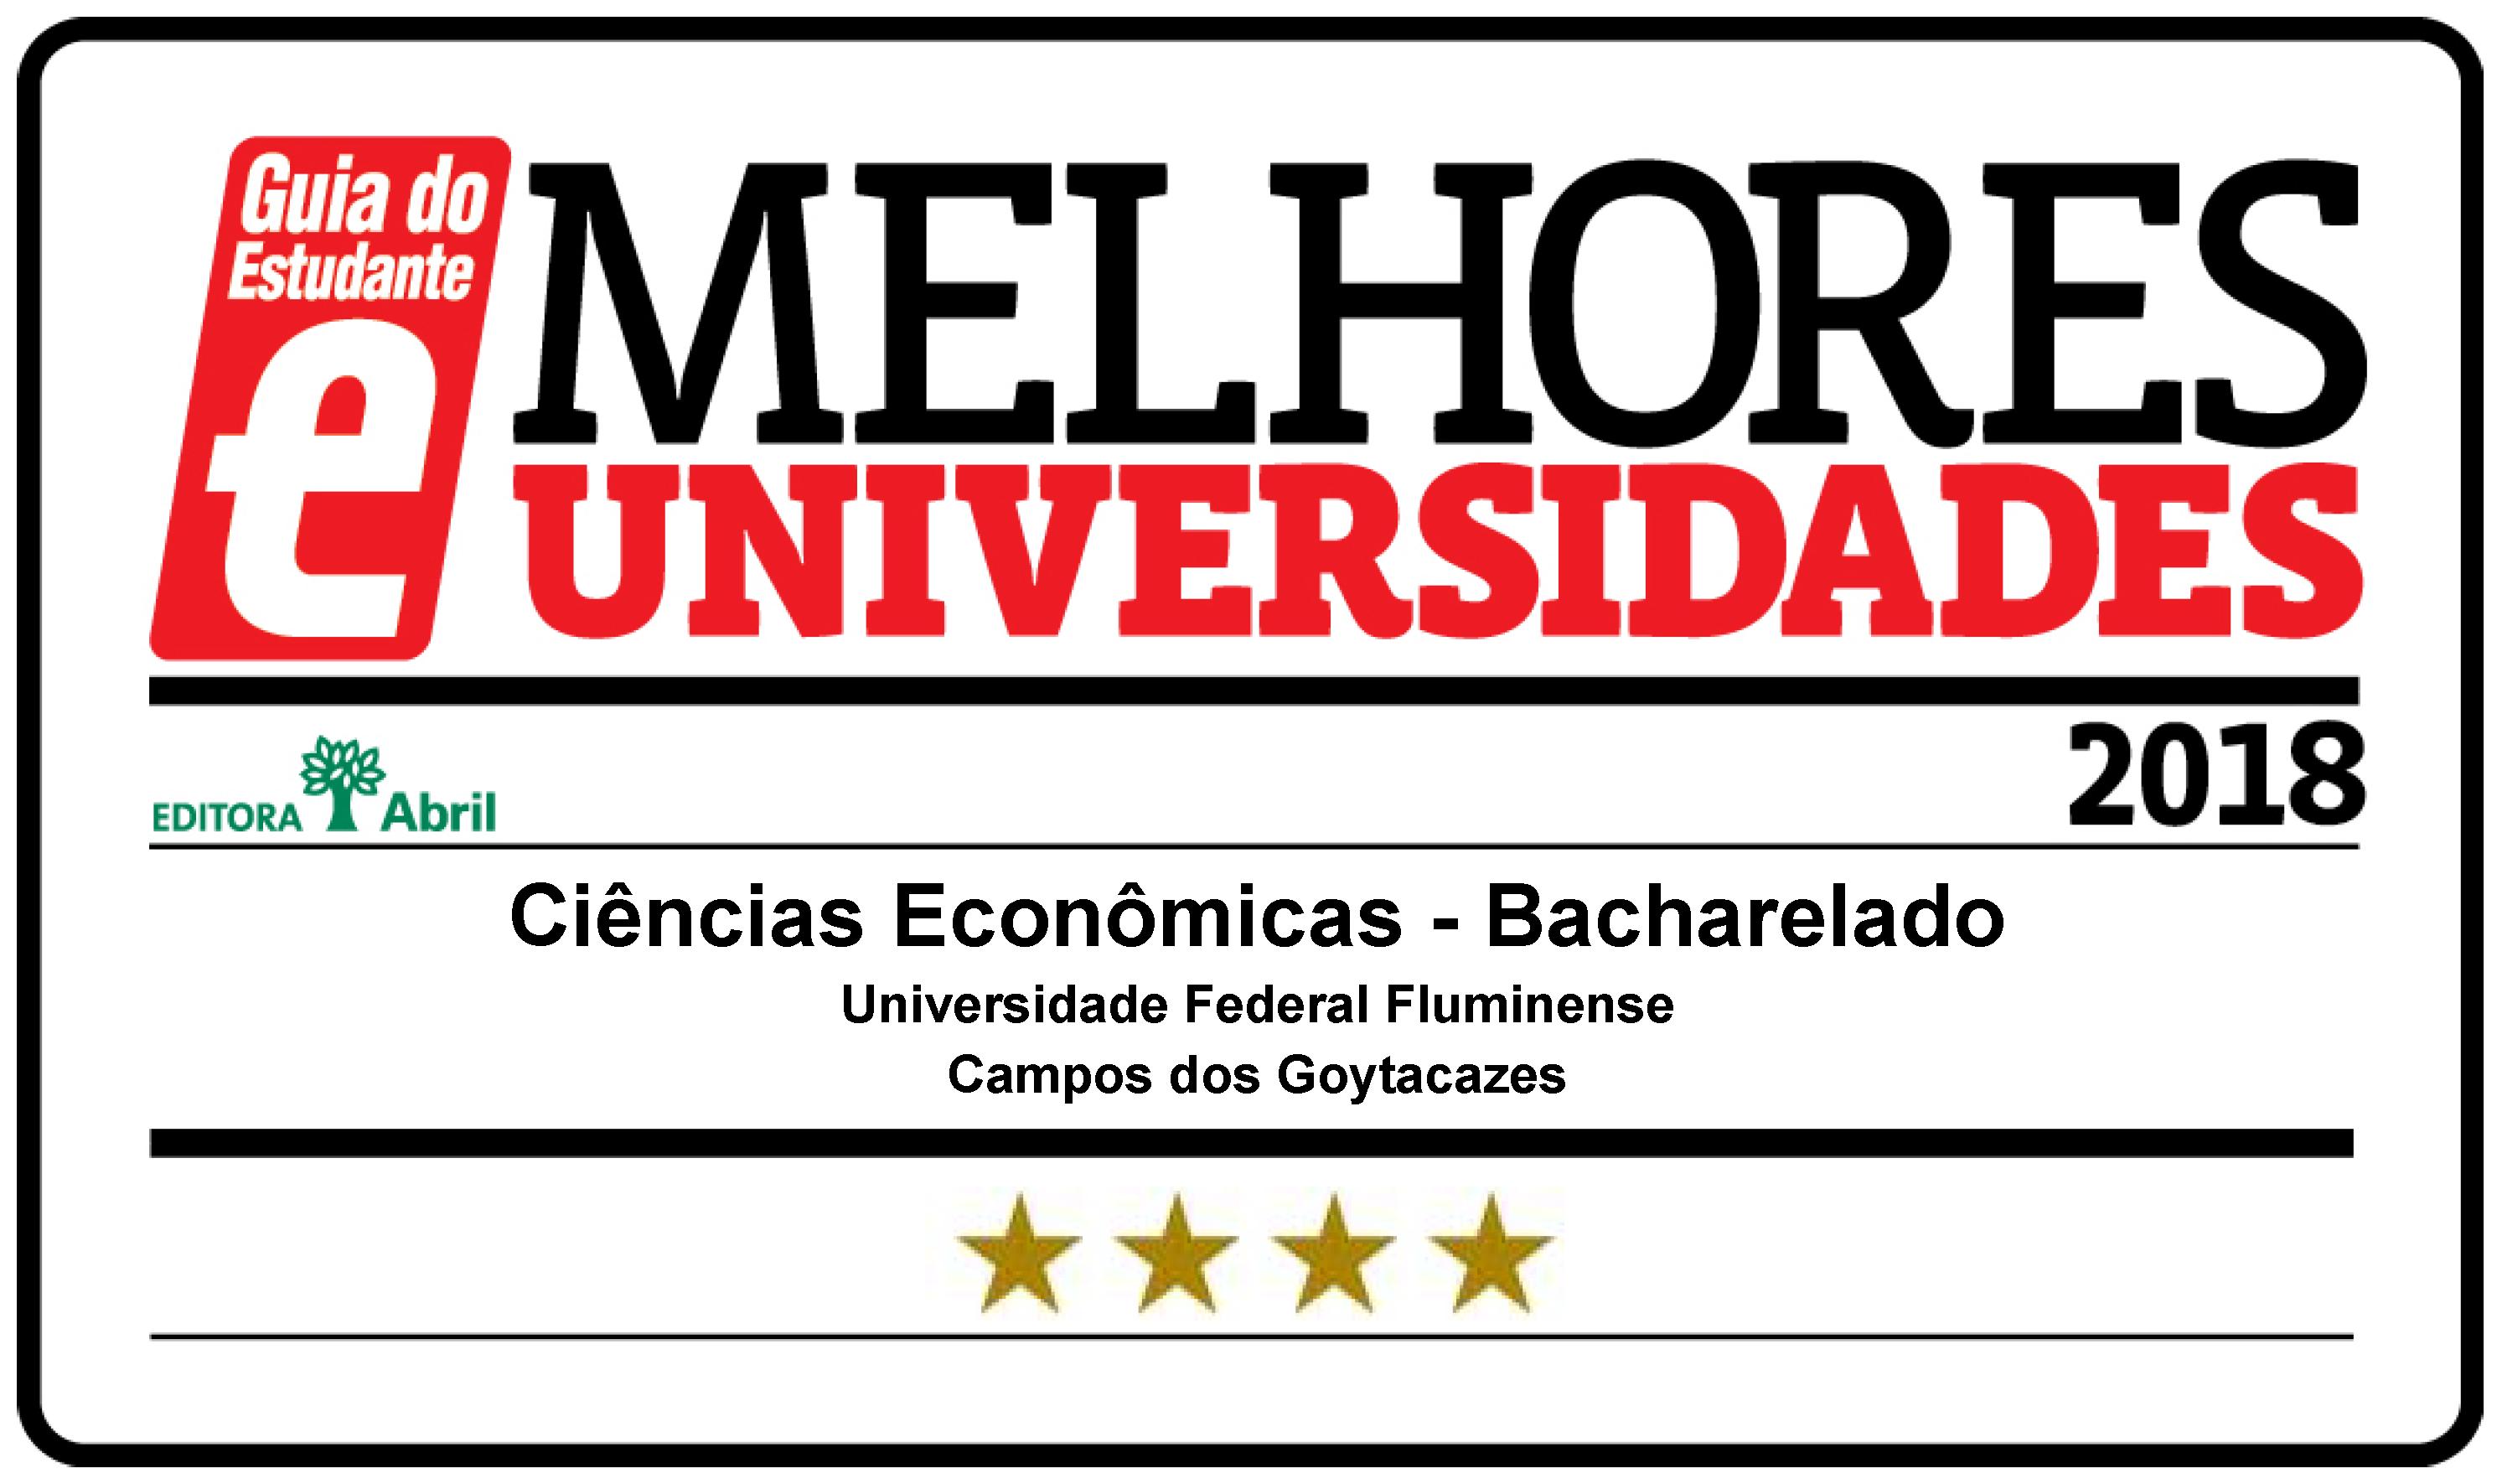 Ciências Econômicas recebe 4 estrelas no Guia do Estudante